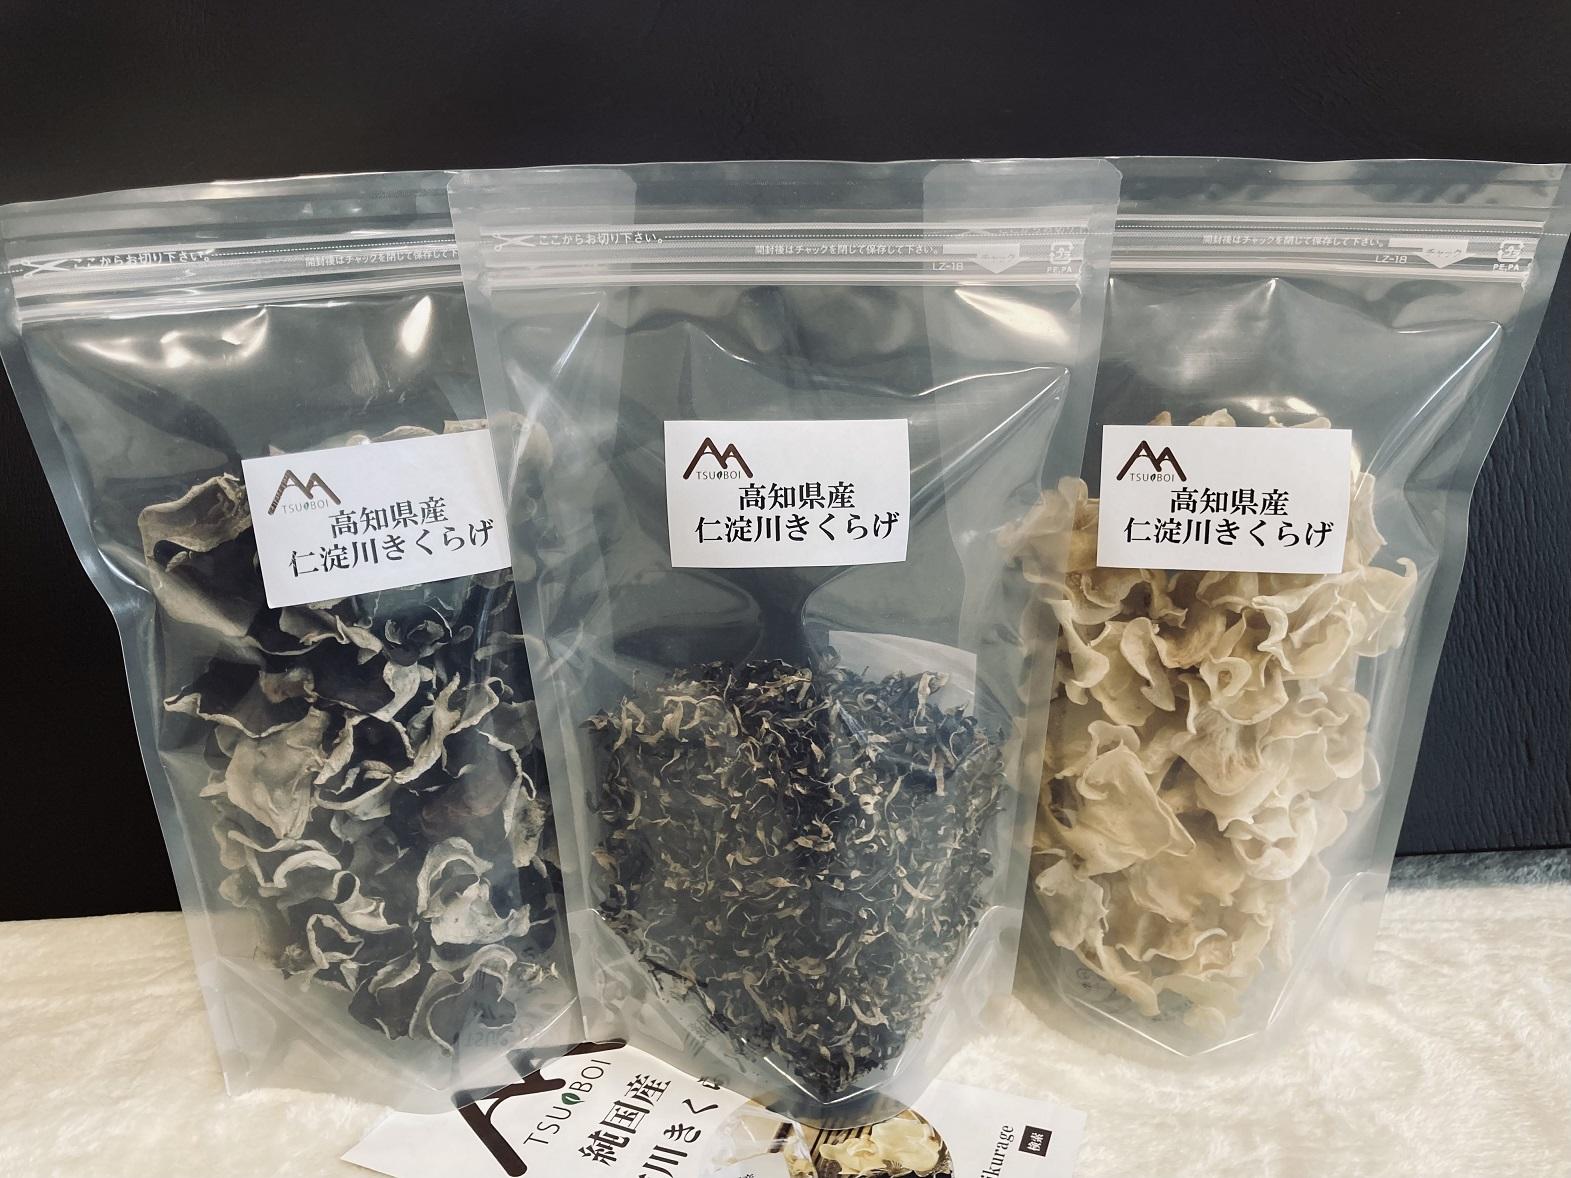 清流仁淀川の水を使用し 農薬や殺虫剤を使用せず栽培された国産きくらげの詰め合わせ 栄養素が豊富でしっかりとした歯ごたえが特徴 どんなお料理にもお使いいただけます ふるさと納税 高知県産仁淀川きくらげ詰合せセット 注目ブランド 時間指定不可 黒きくらげホールタイプ100g×1袋 0252201 白いきくらげホールタイプ80g×1袋 黒きくらげスライスタイプ100g×1袋